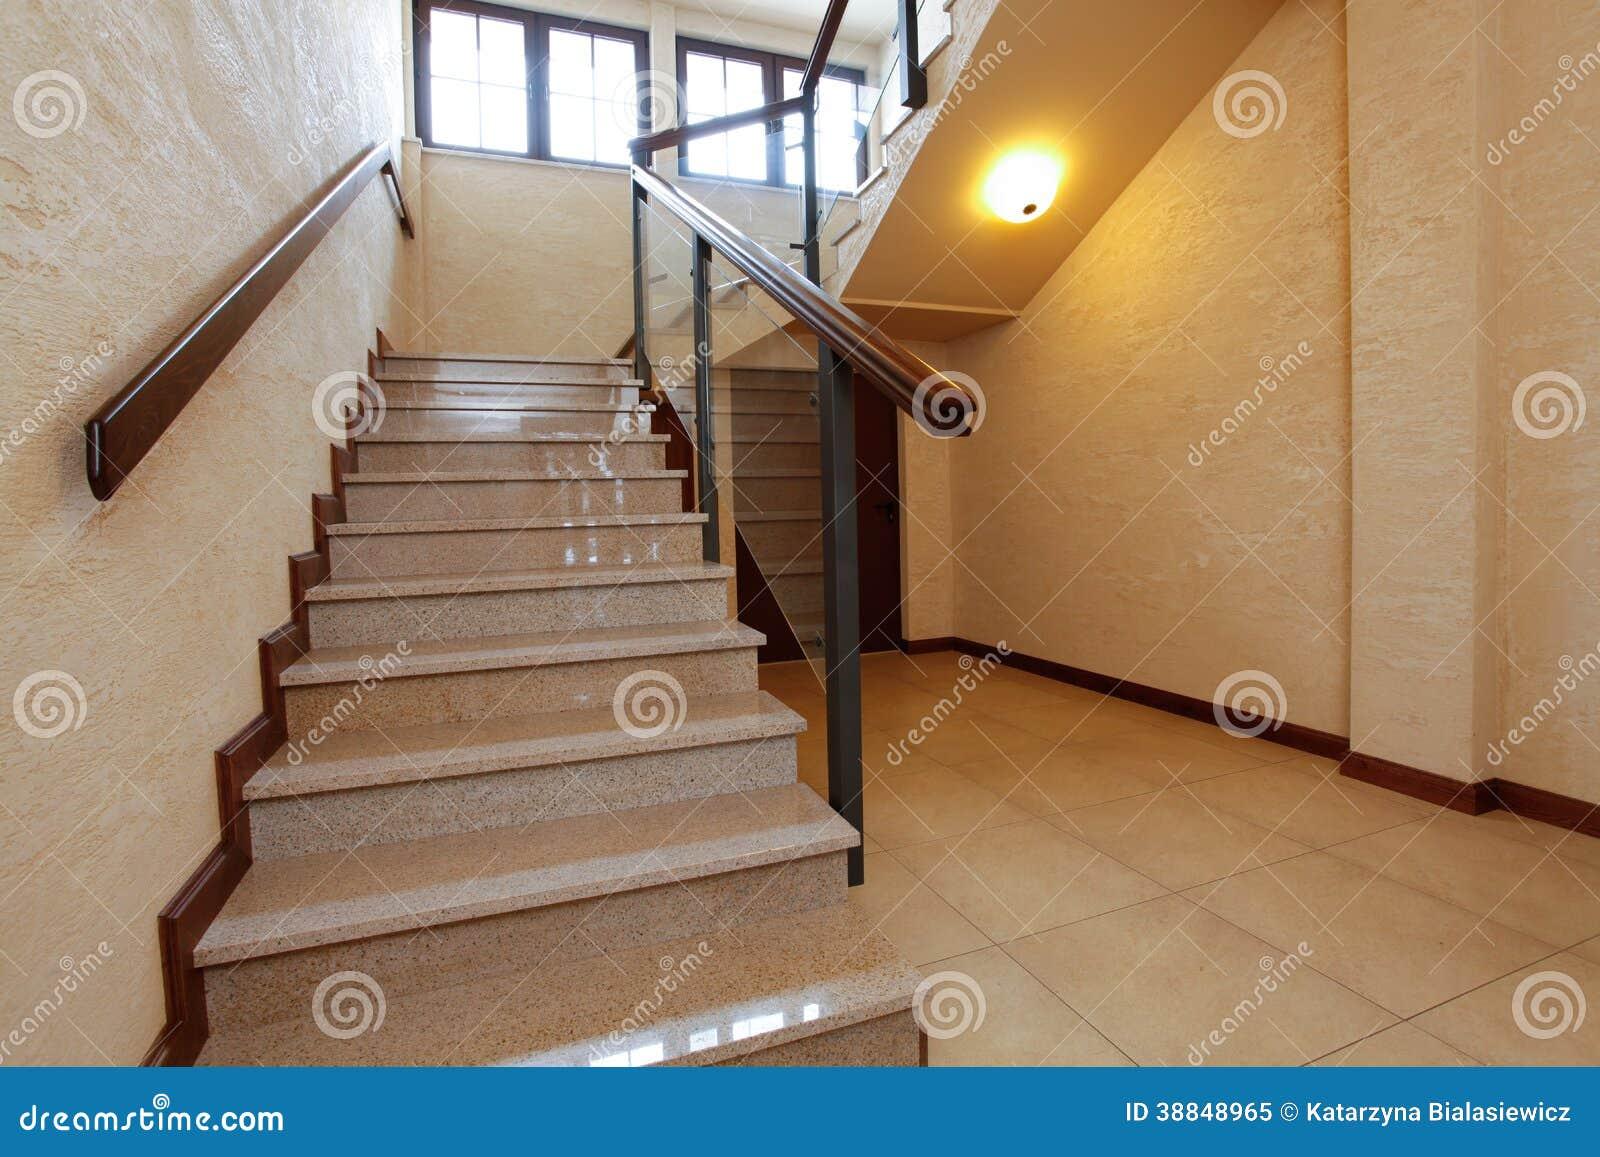 Escaleras de piedra modernas con la barandilla de madera - Escaleras de madera modernas ...